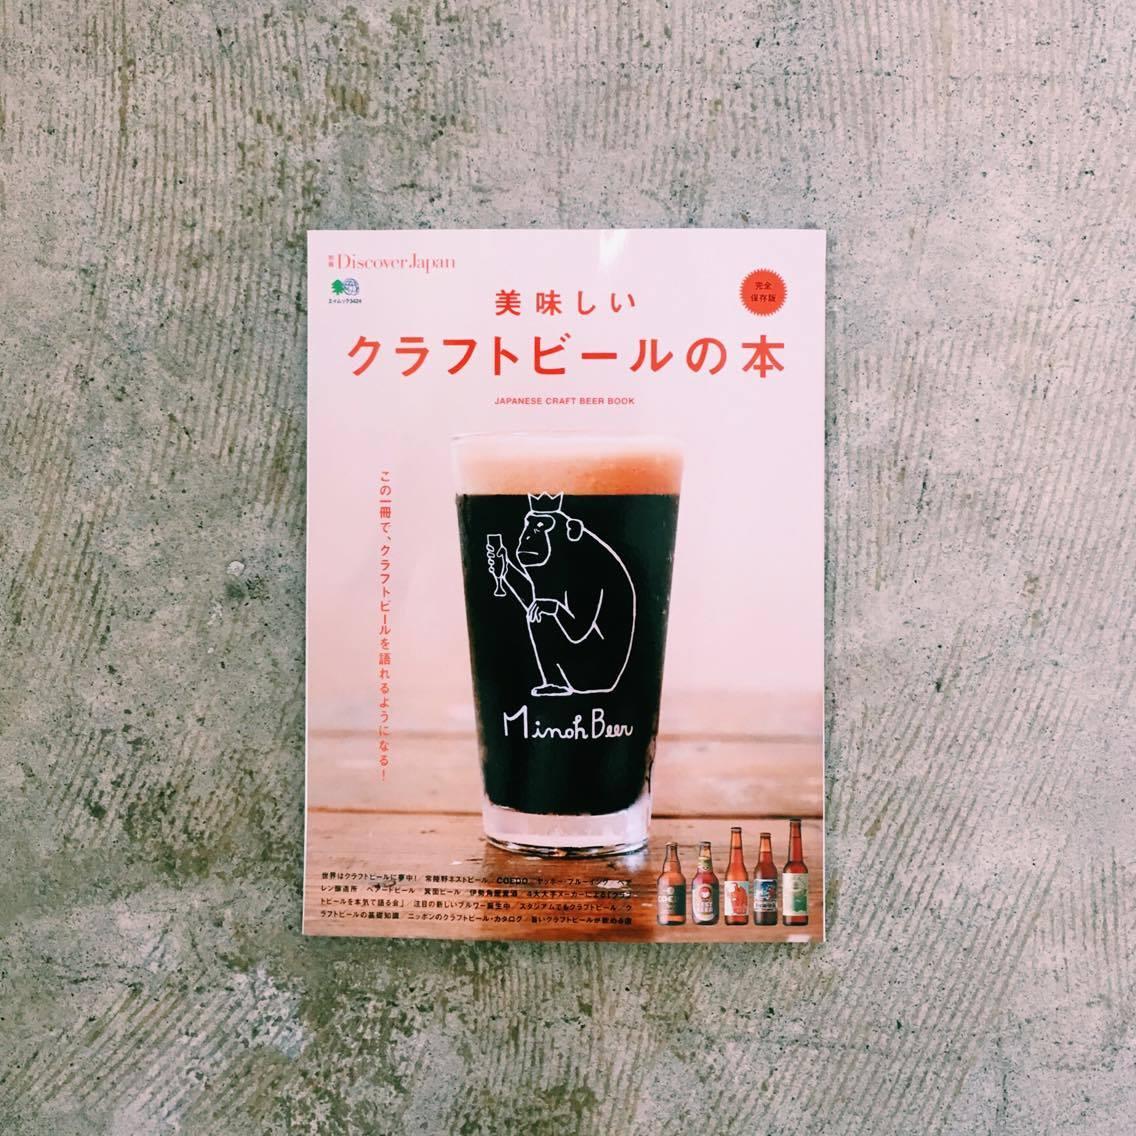 【本日発売です! 】 別冊Discover Japan「美味しいクラフトビールの本」本日発売です!https://t.co/ttROuei5gA https://t.co/mjDGAjyHz6